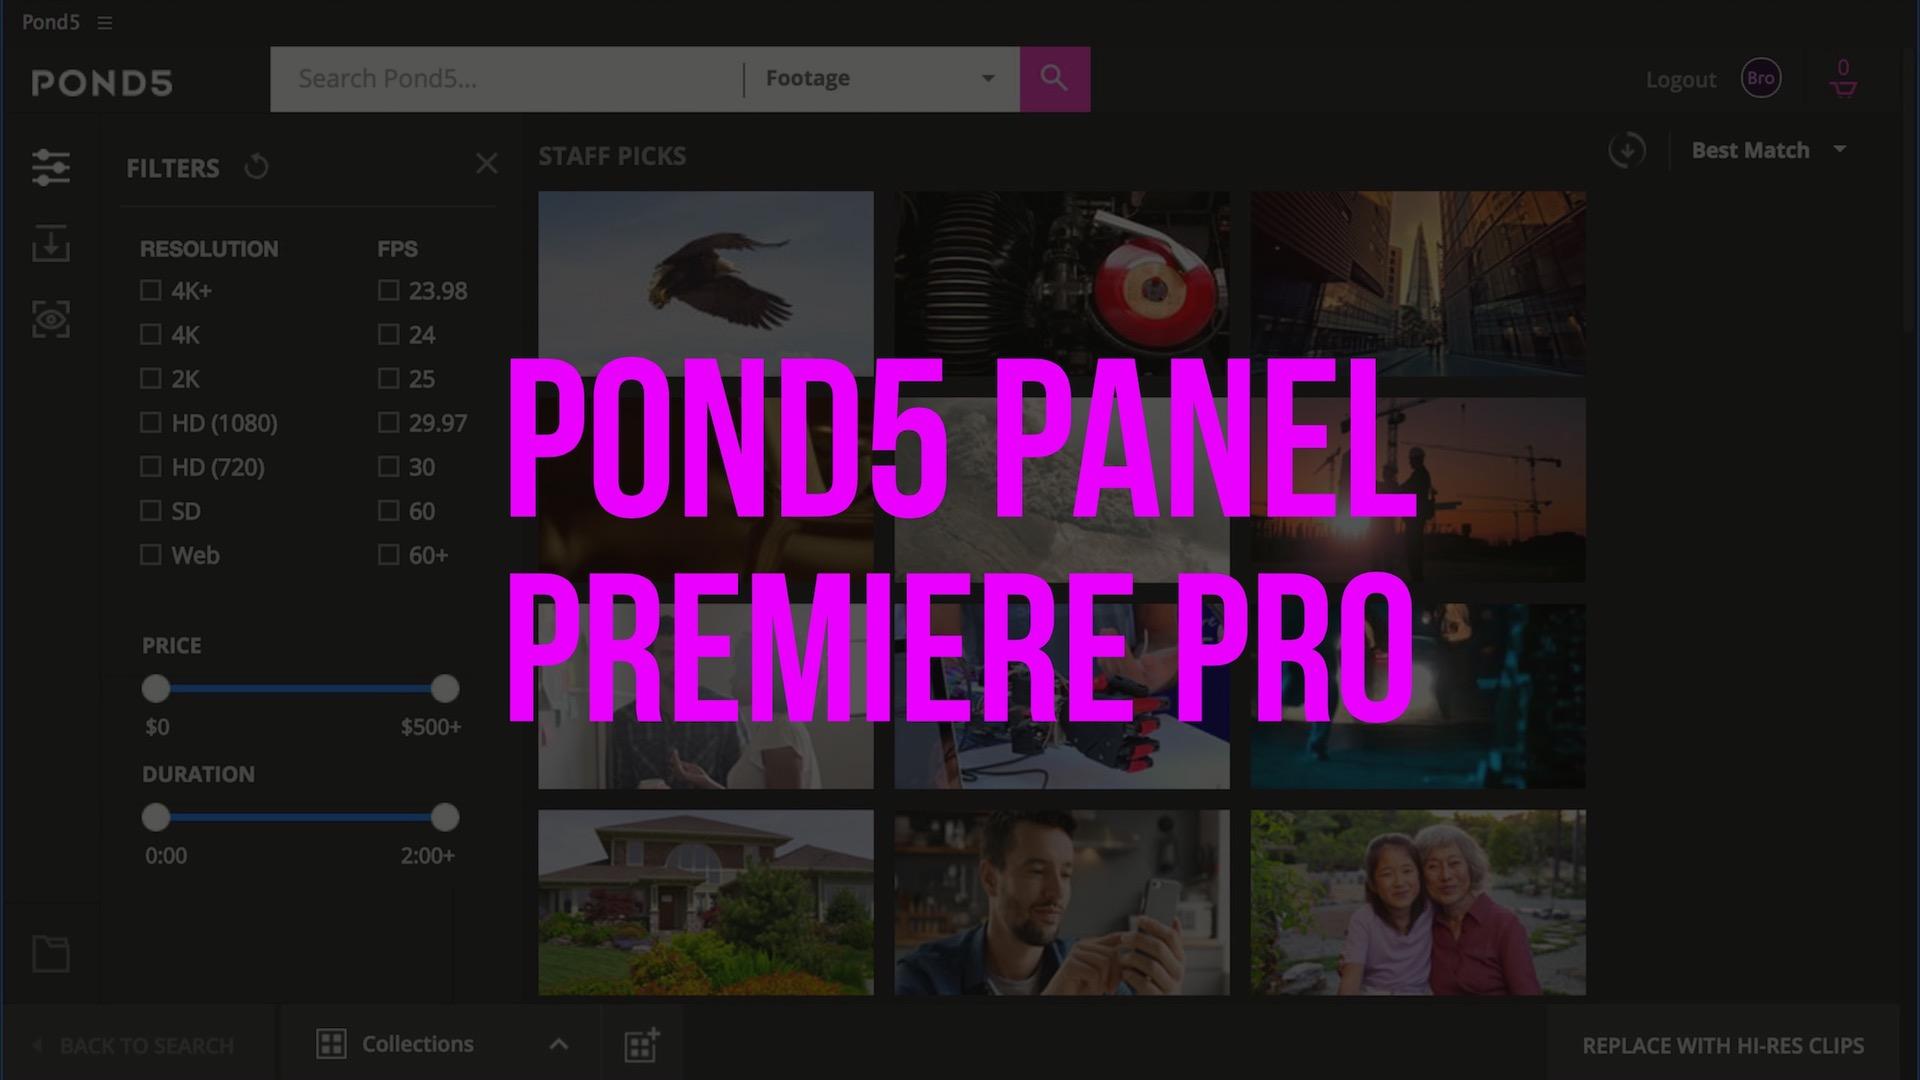 pond5-panel-premiere-pro-review